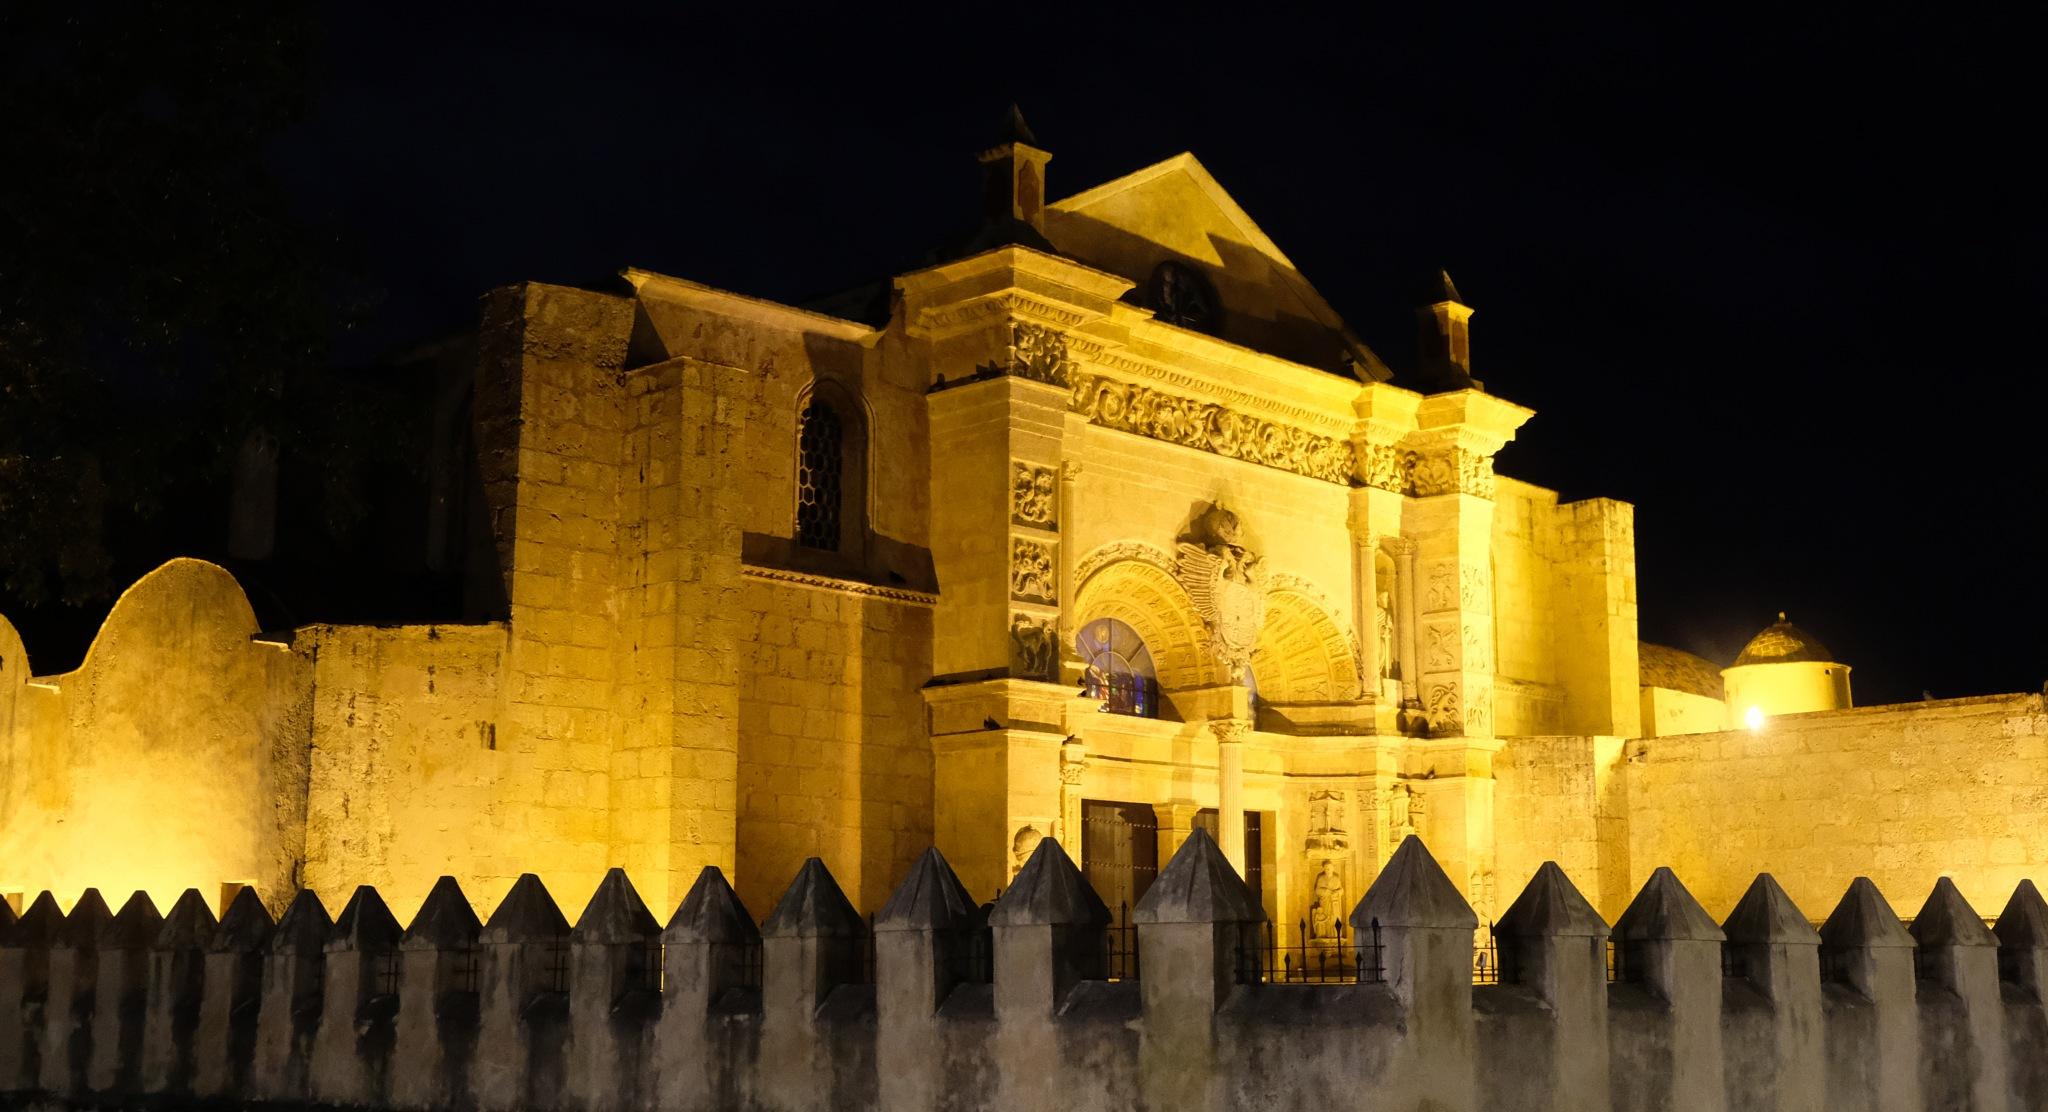 Basílica catedral de Santa María de la Encarnación by YOITOK